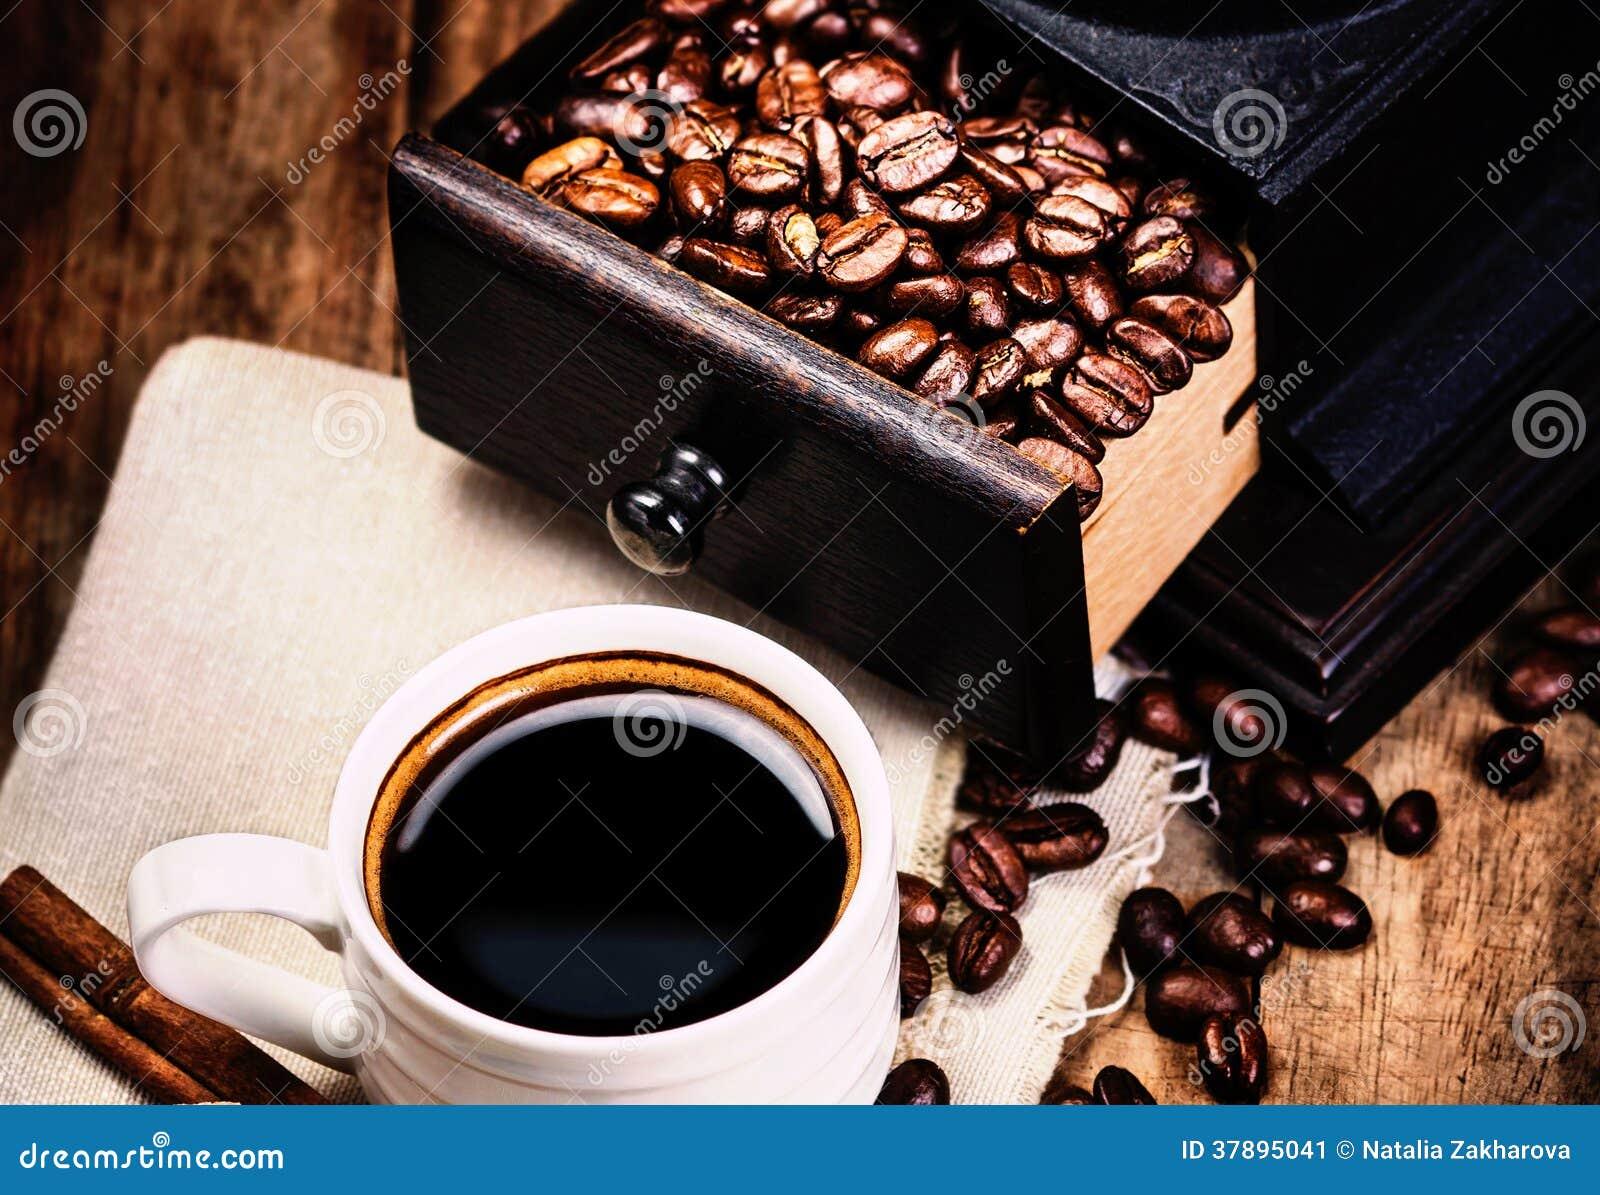 Kop van koffie met koffiebonen en Koffiemolen op houten bro